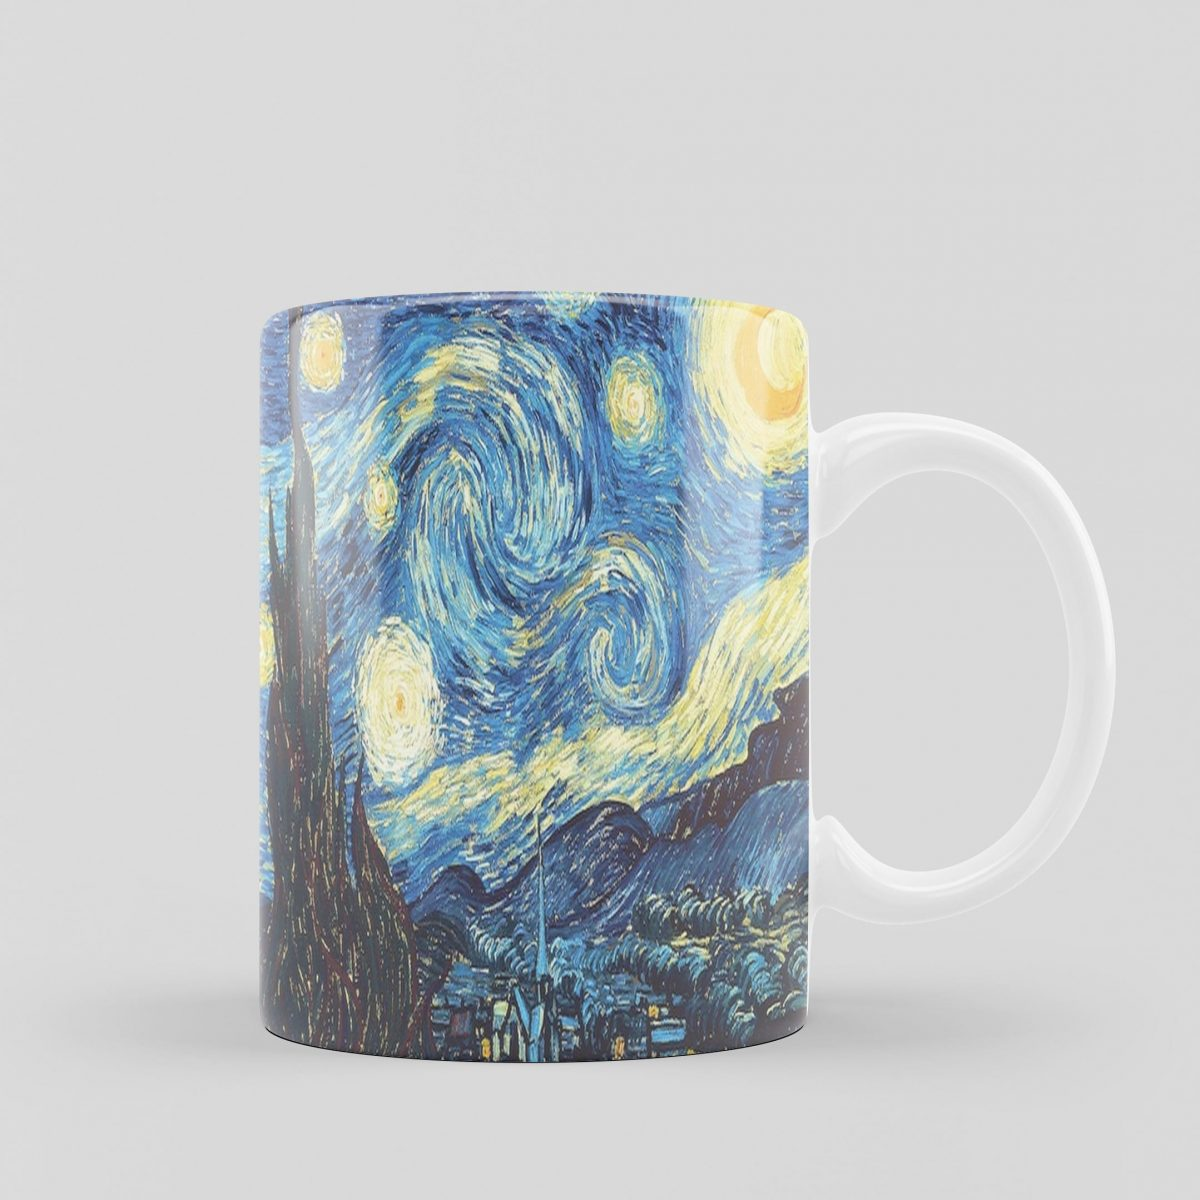 pasazhonline-product-mug-starry-nightm